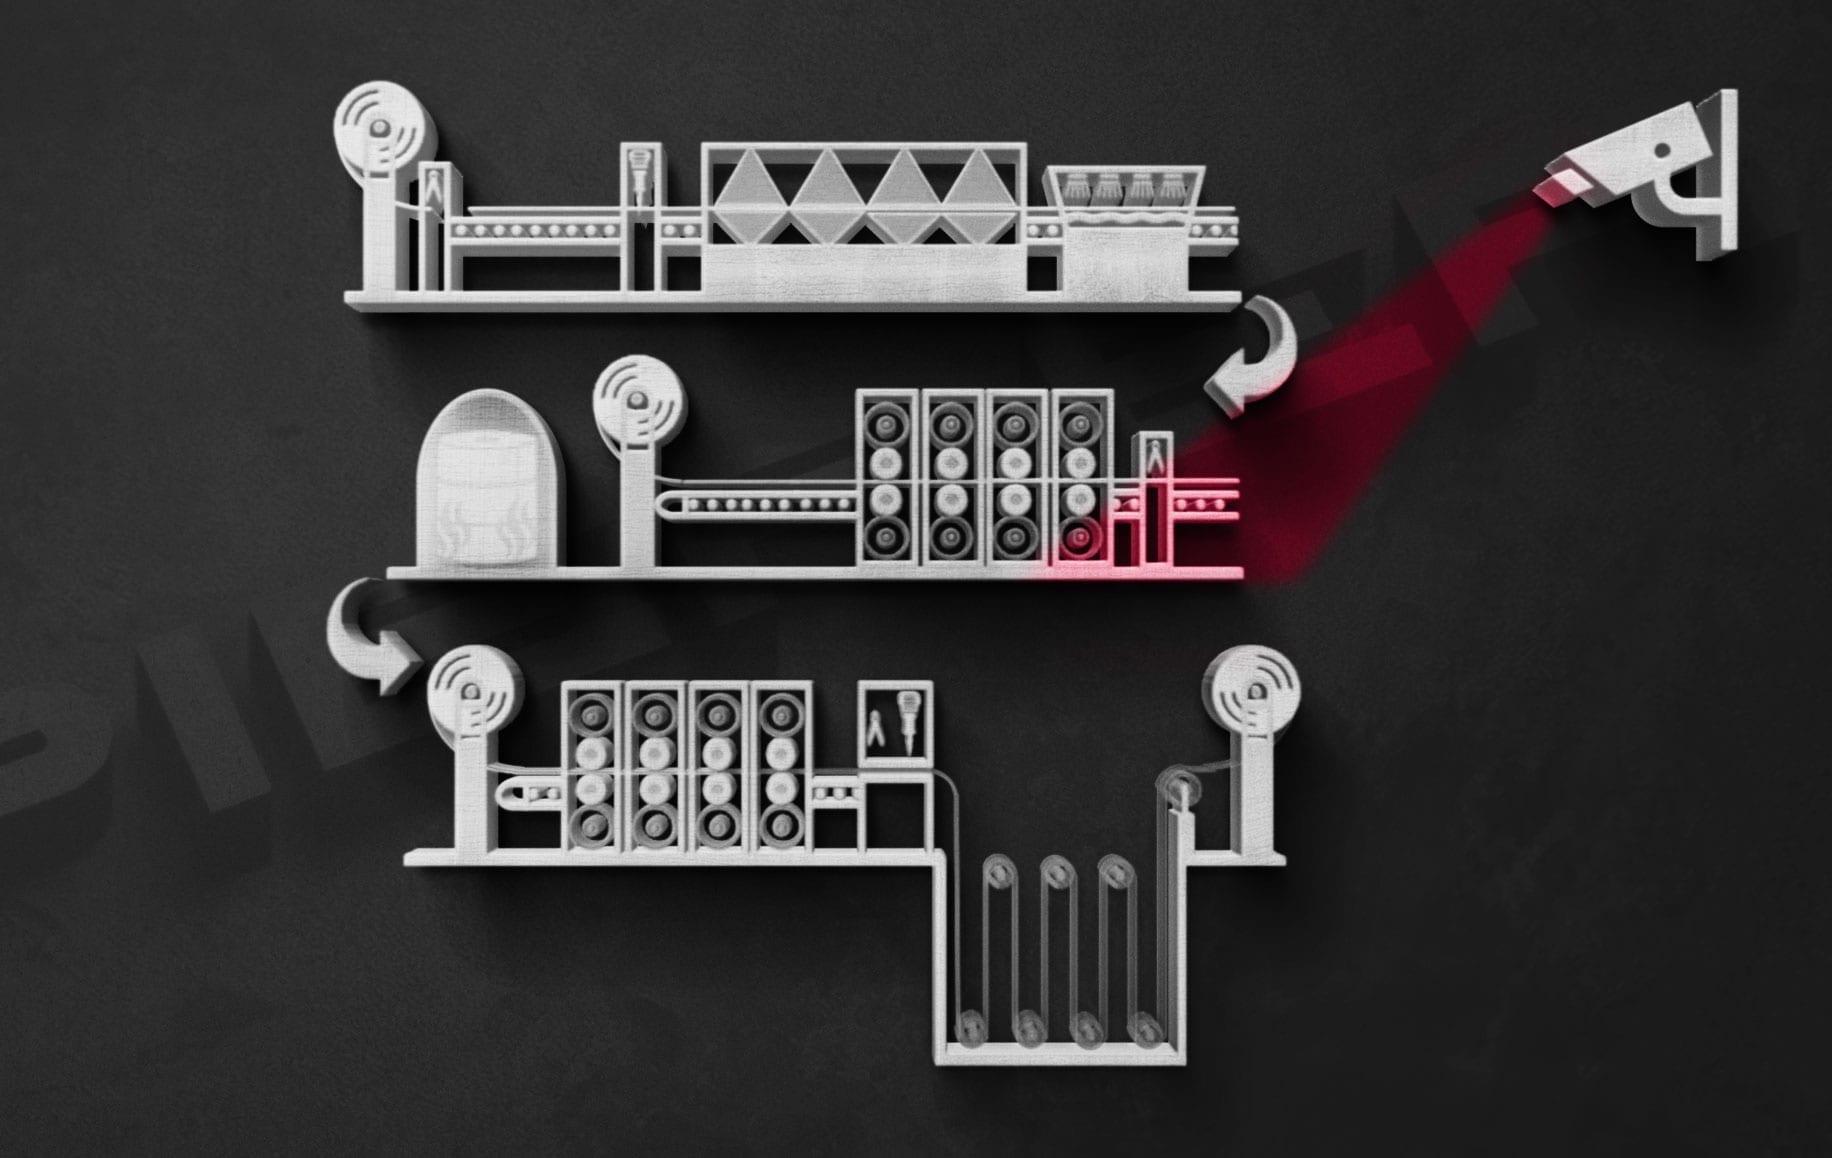 Kaltwalzwerk Qualitätskontrolle Kontibeize Pieper